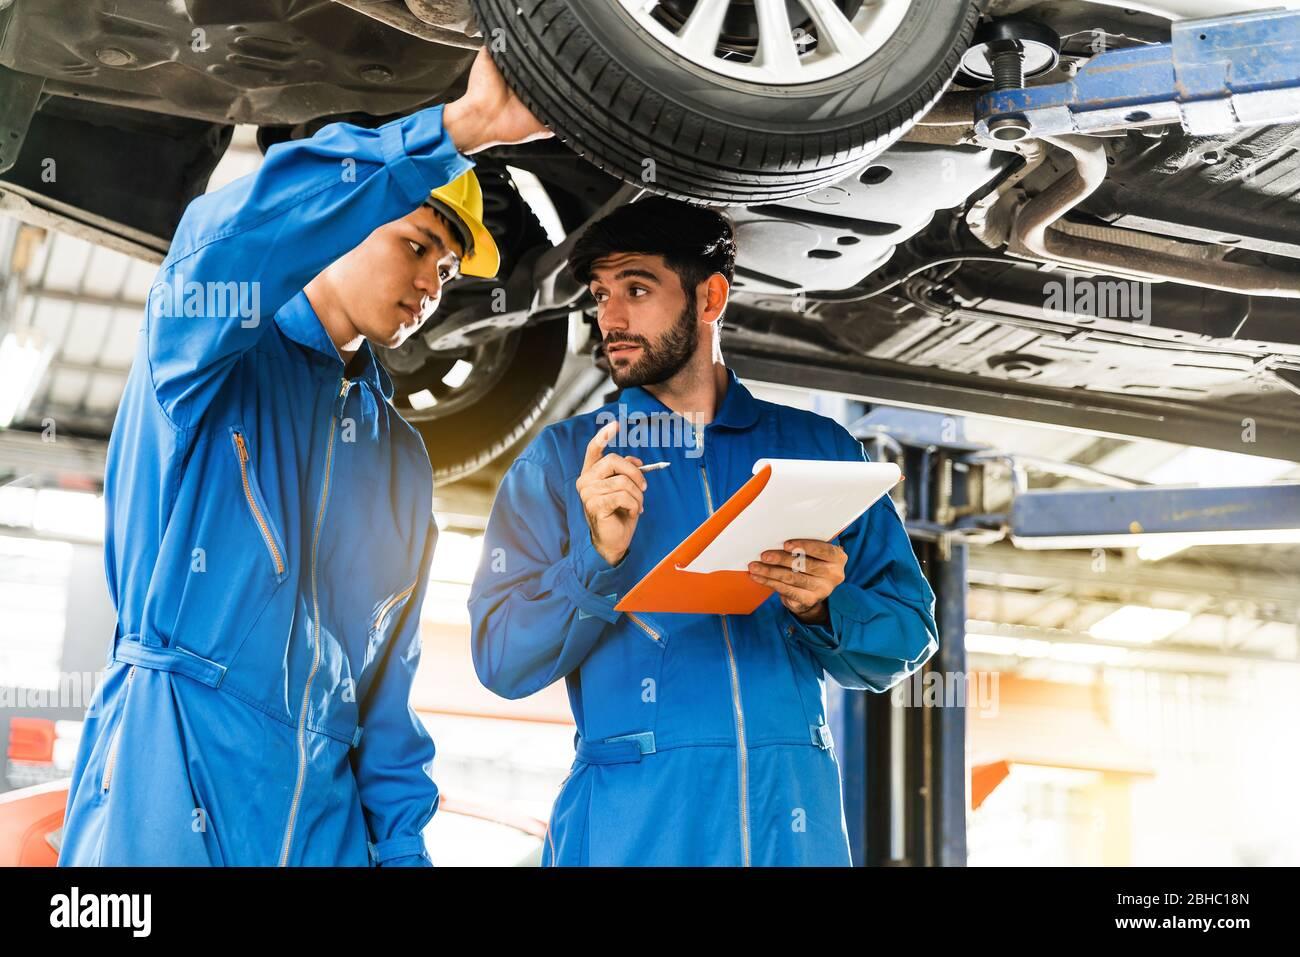 Mechaniker in blauer Arbeitskleidung Uniform inspiziert den Fahrzeugboden mit seinem Assistenten. Auto Reparatur-Service, Berufsberuf Teamwork. Stockfoto